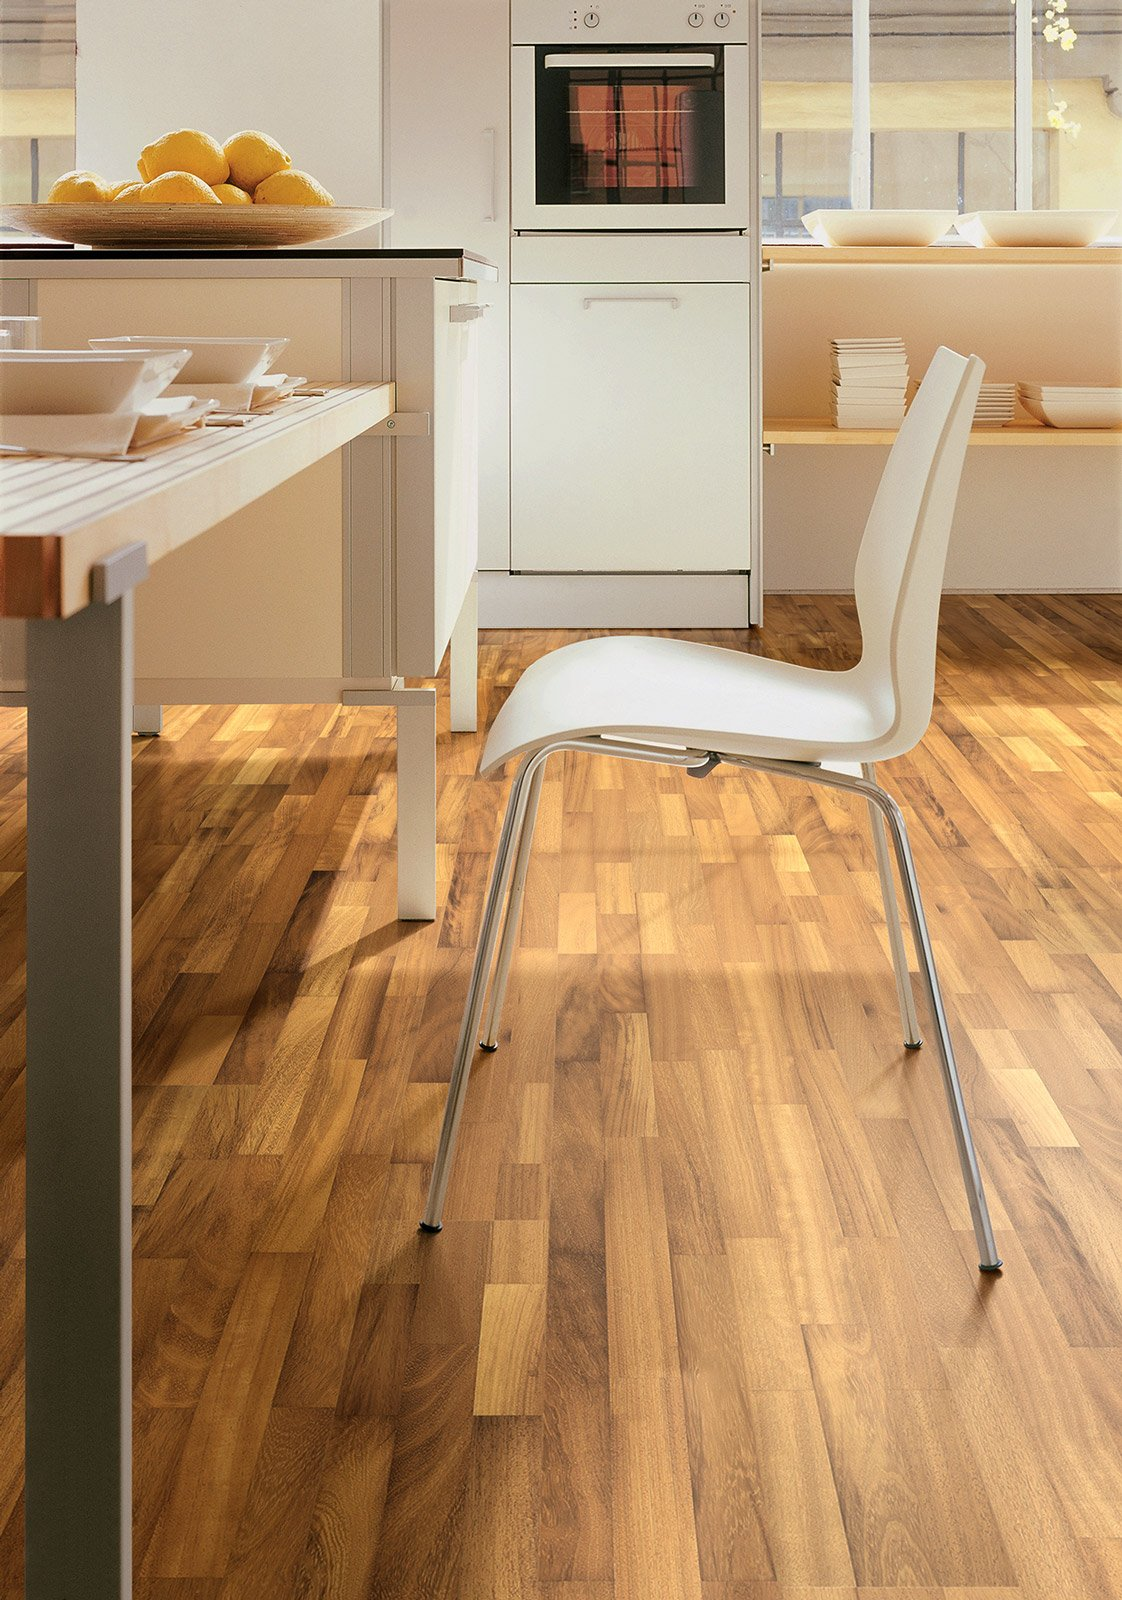 Scegliere il pavimento della cucina effetto legno - Vernice per cucina ...